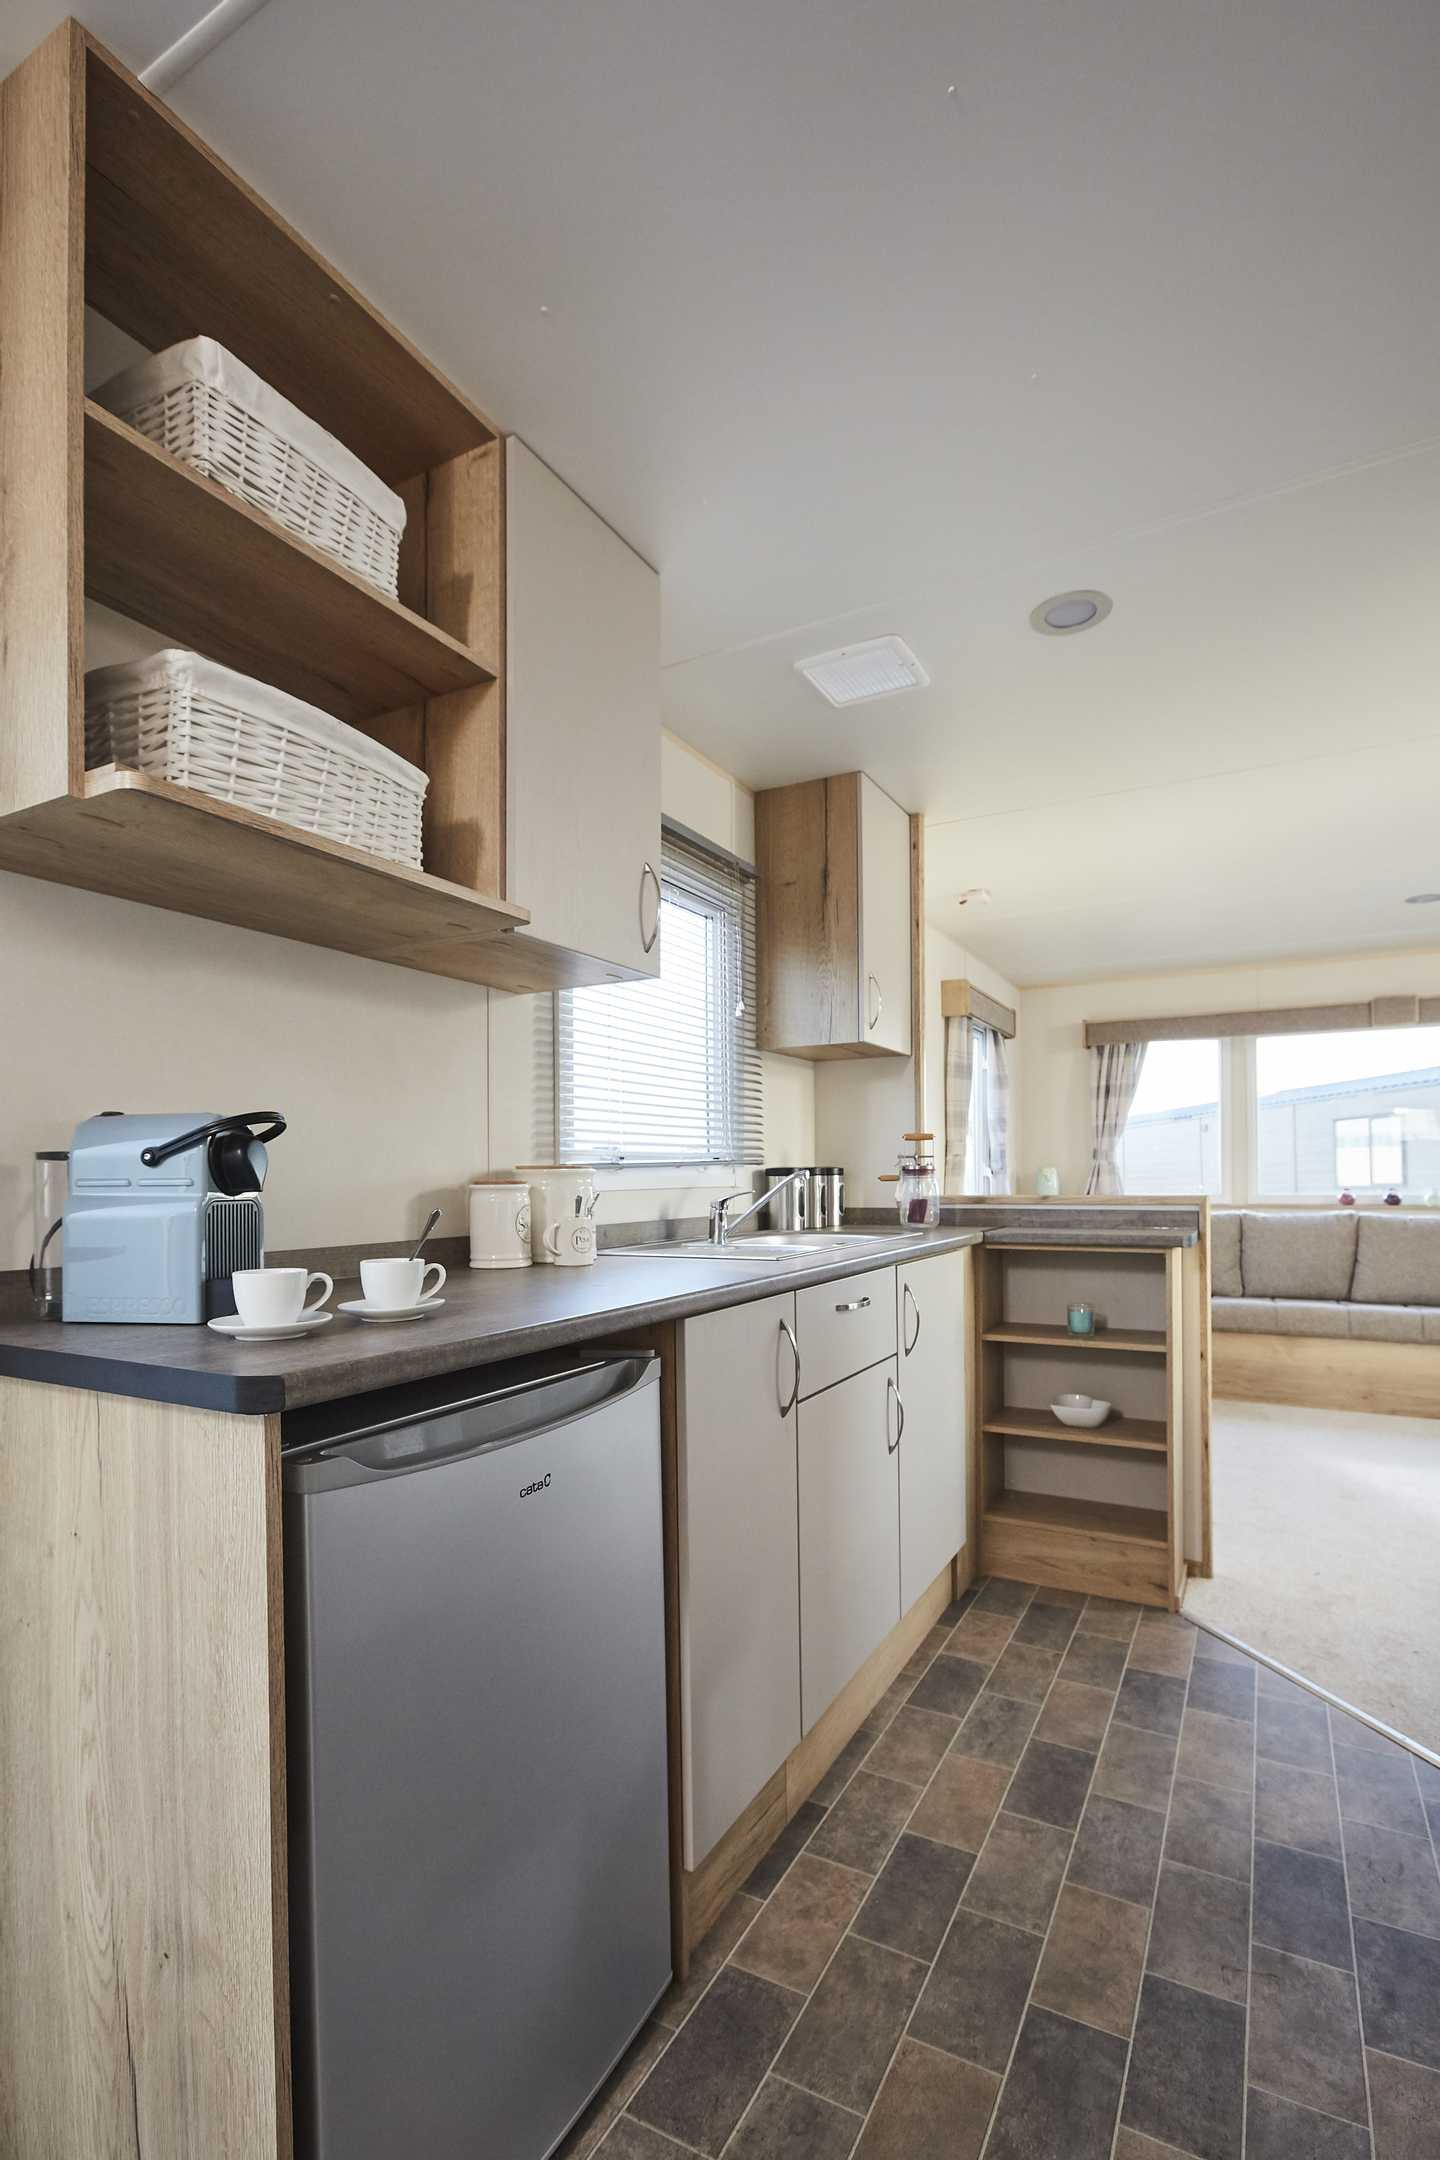 Kitchen in an ABI Horizon